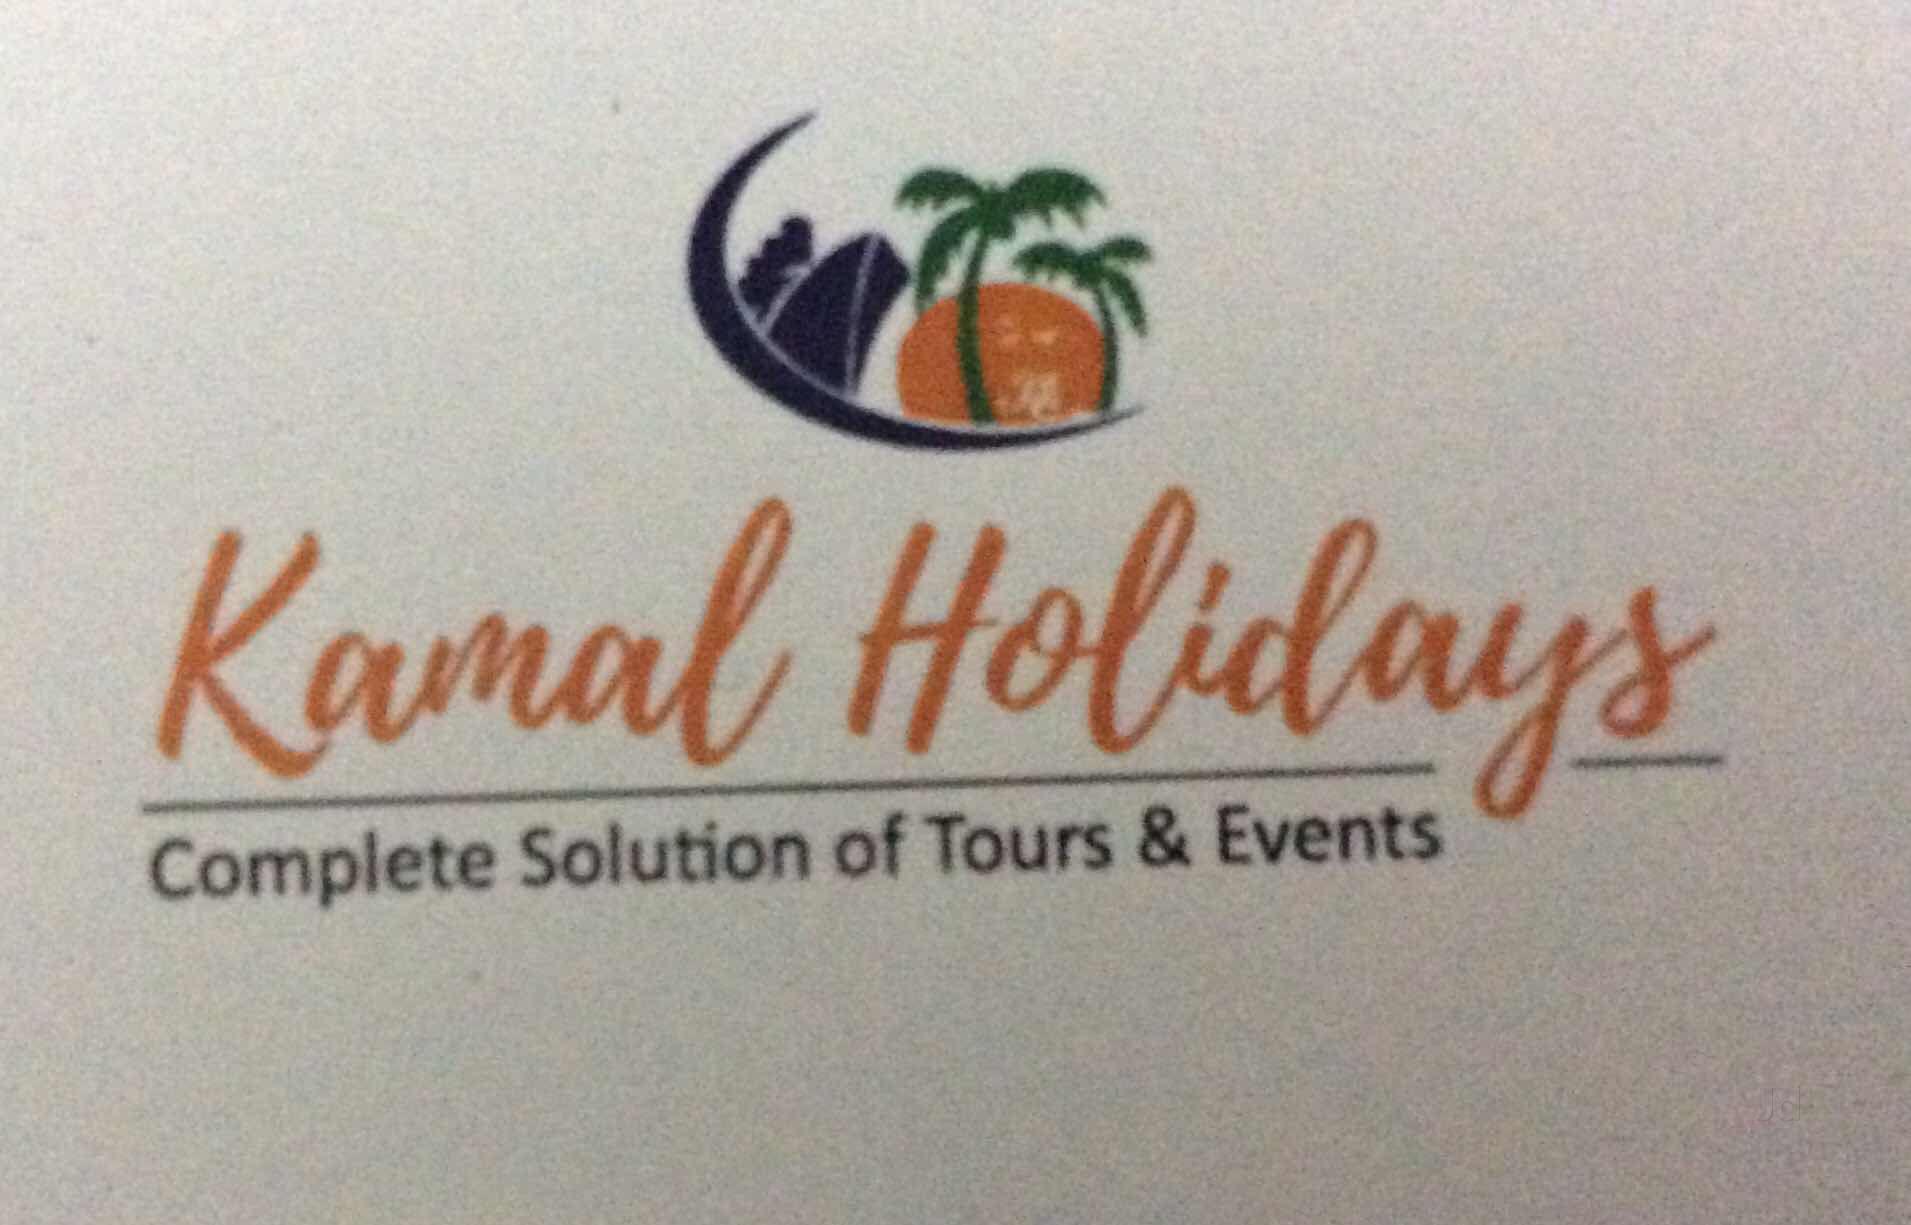 Kamal Holidays